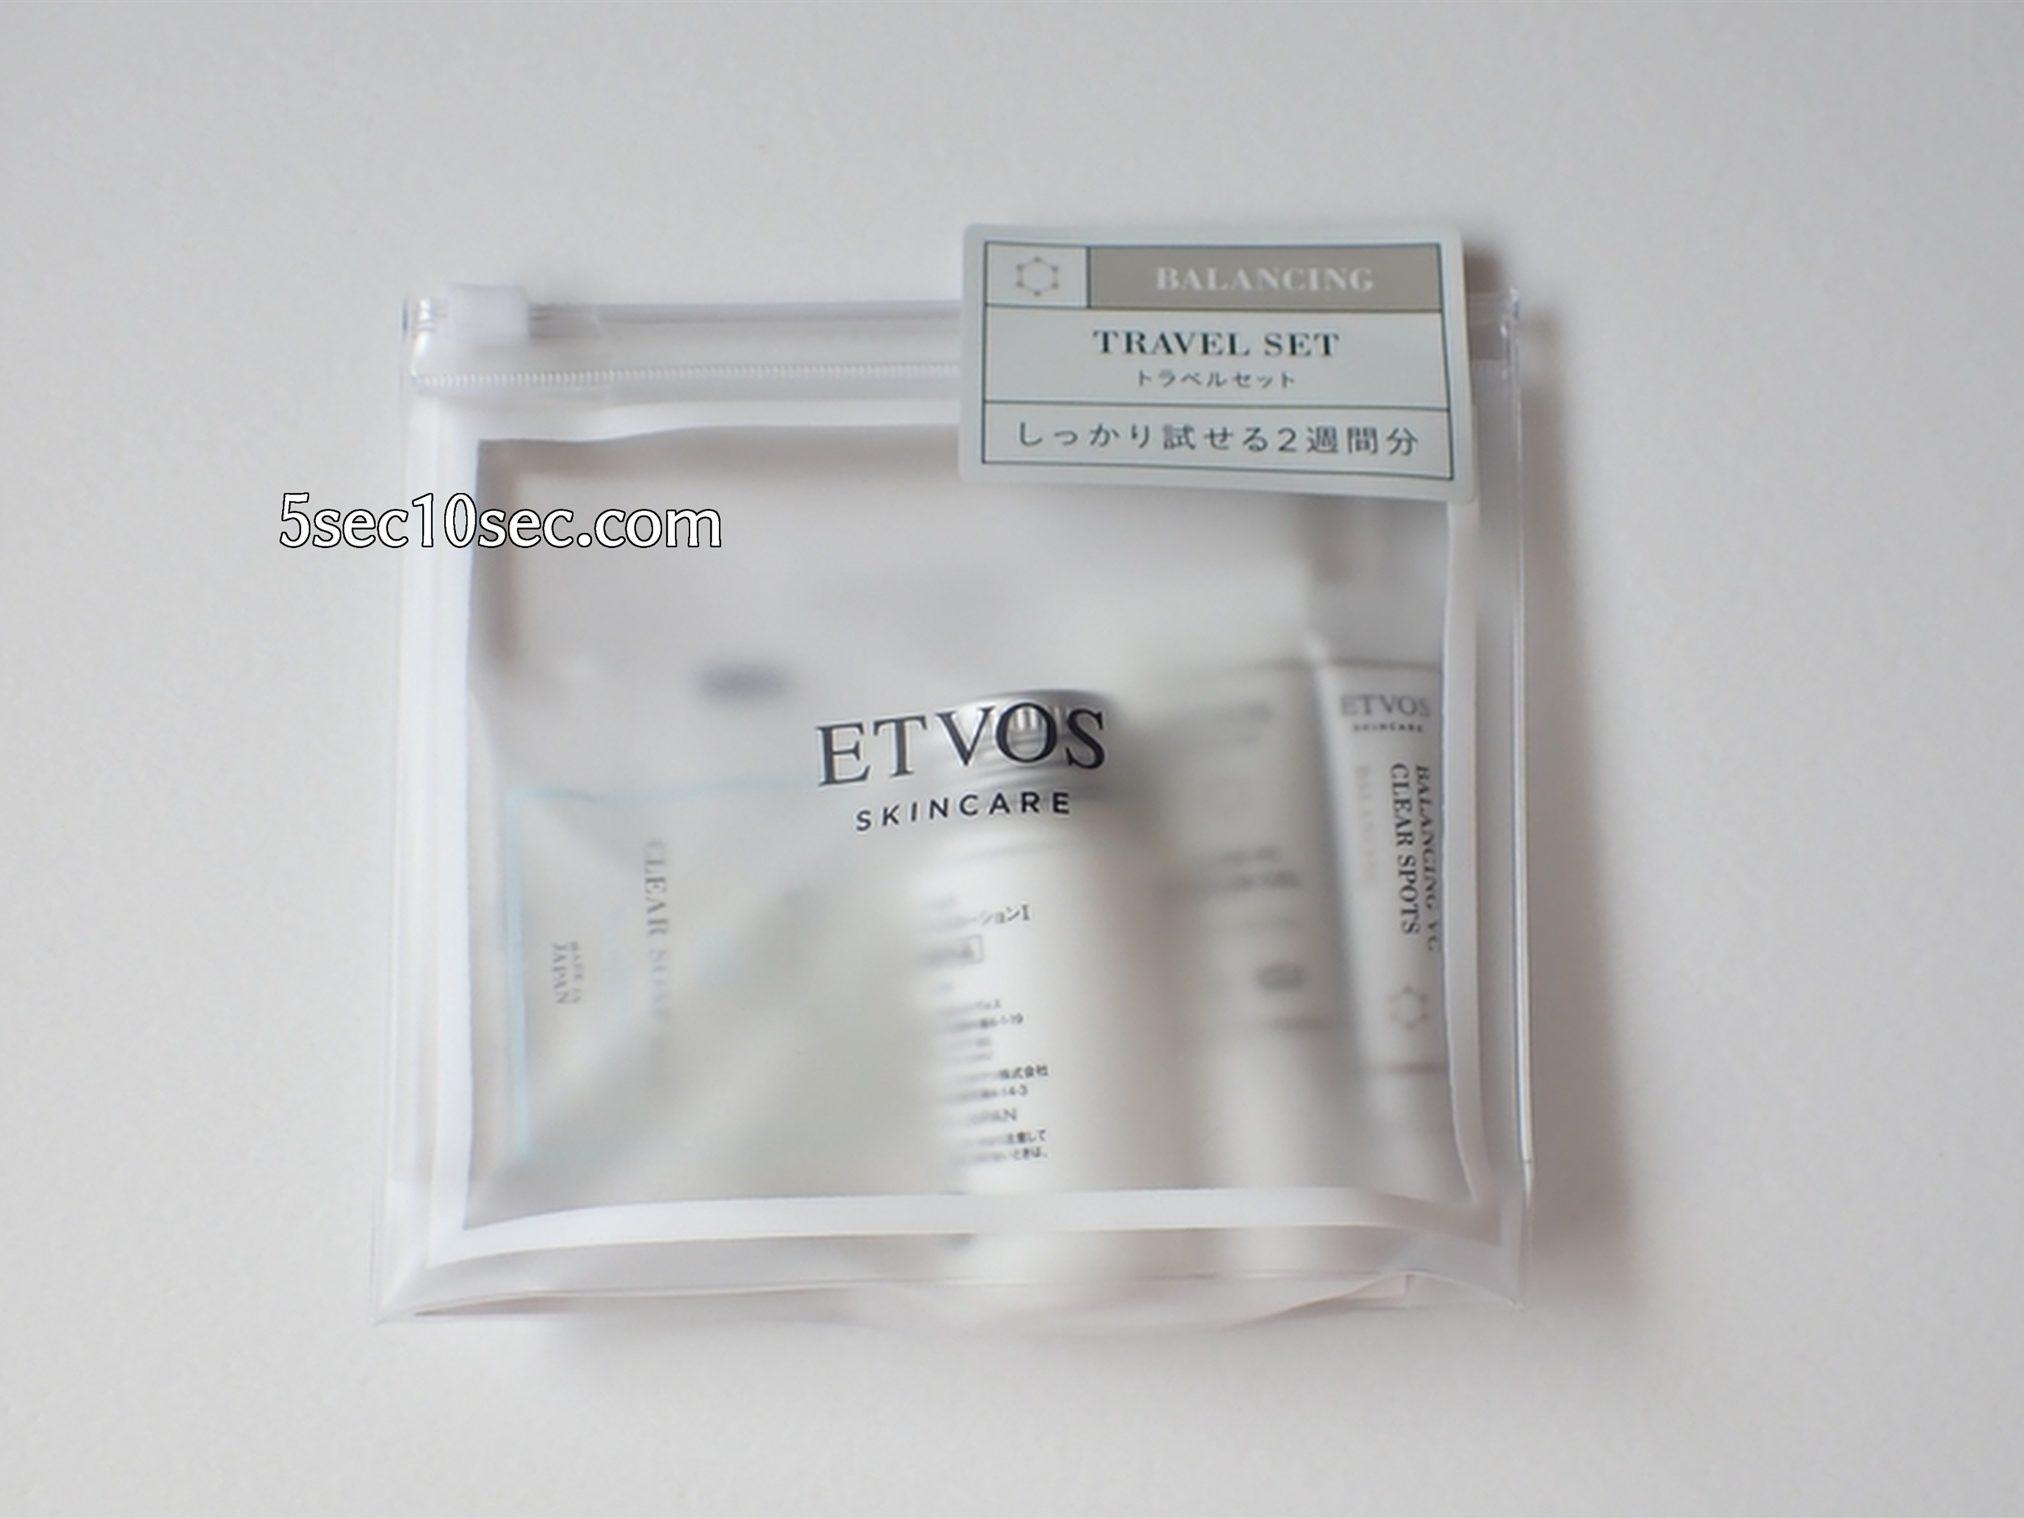 エトヴォス バランシングラインお試しセット パッケージ写真